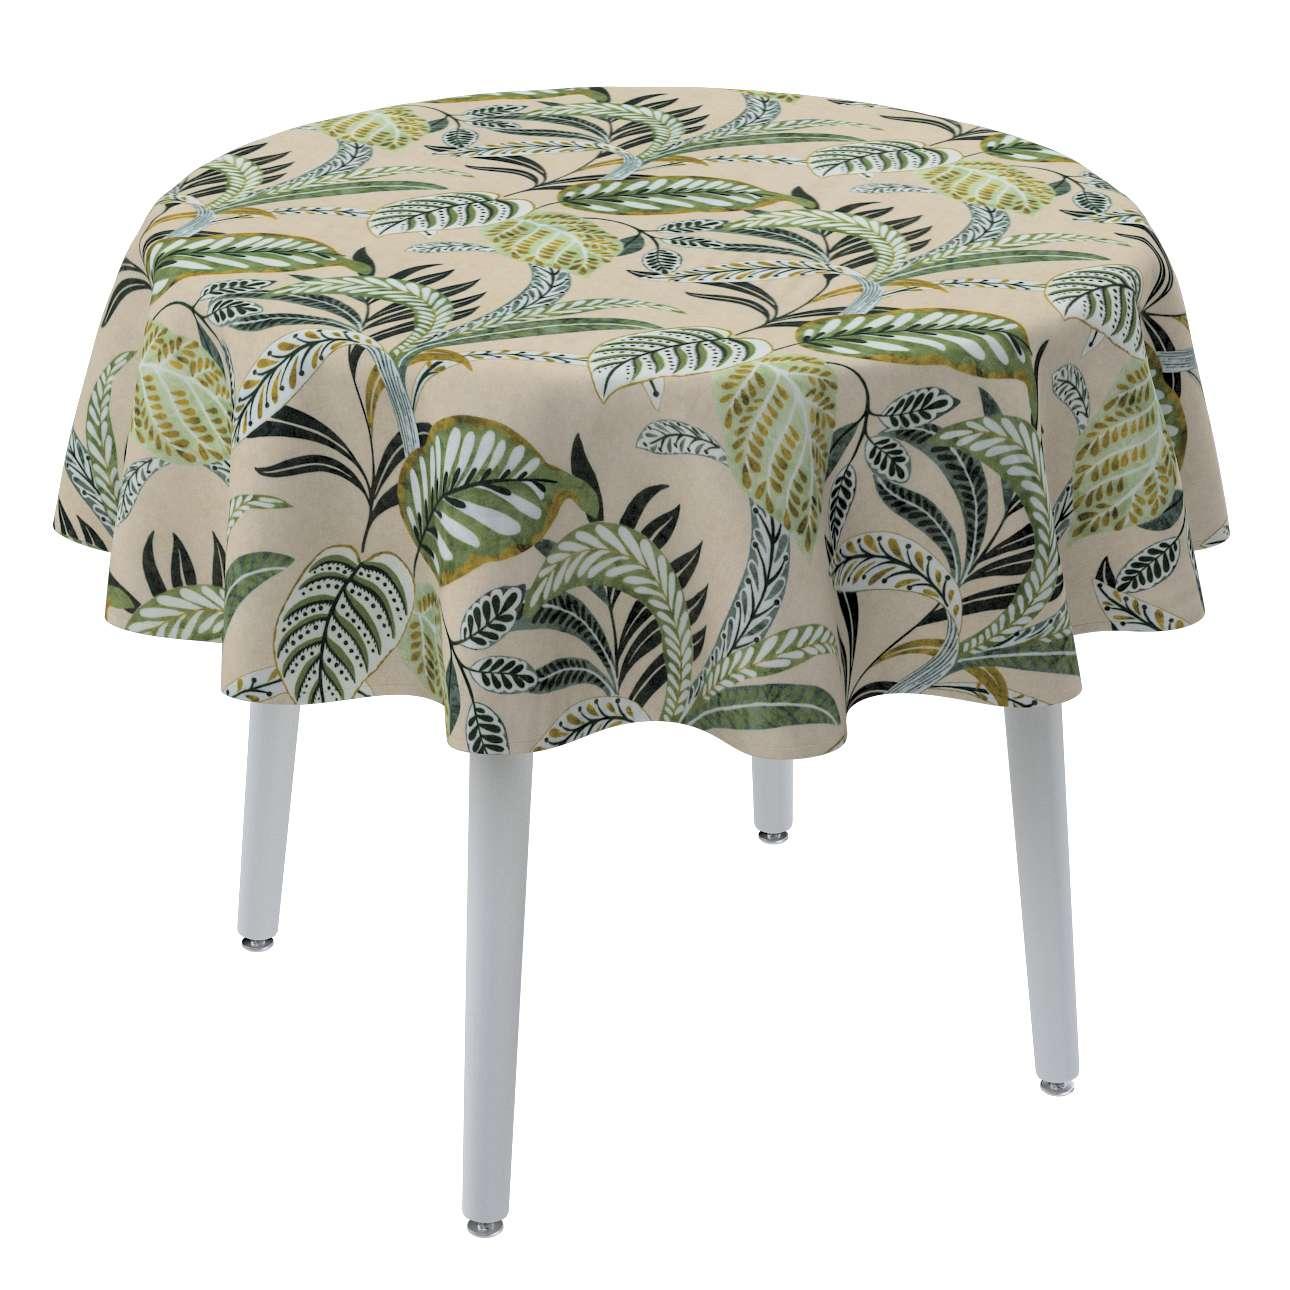 Kerek asztalterítő a kollekcióból Tropical Island, Dekoranyag: 142-96